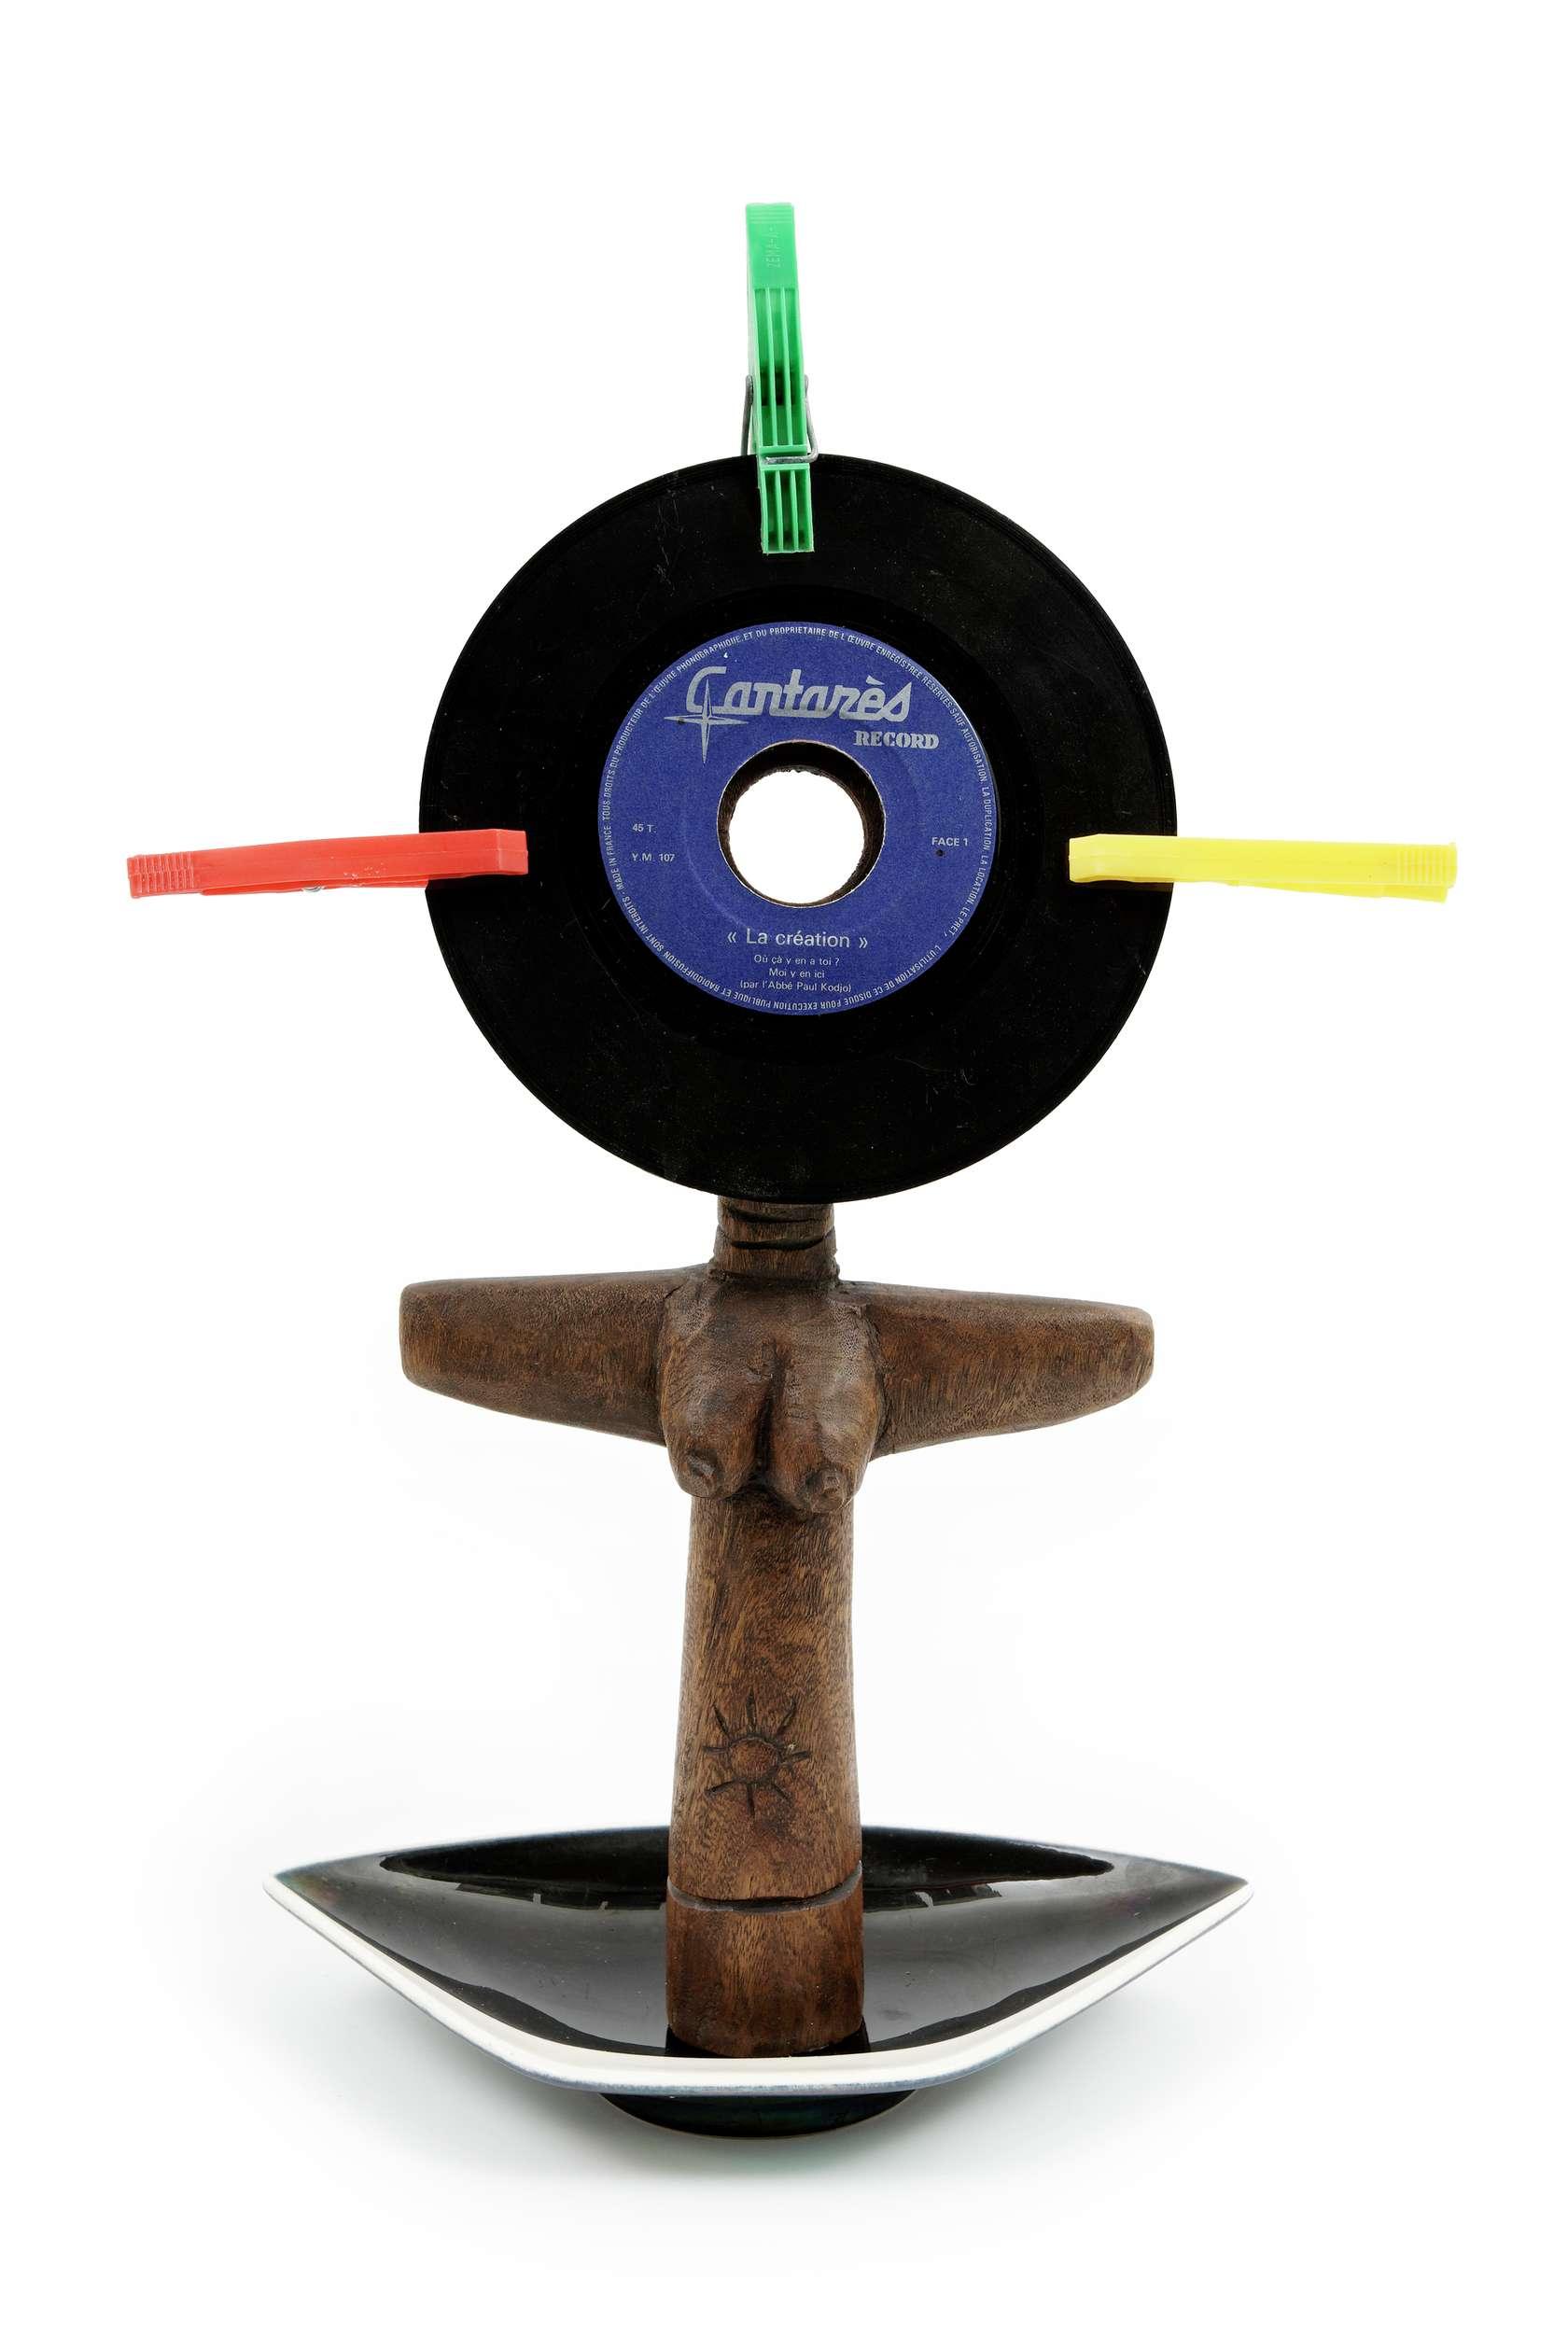 Présence Panchounette, Ashanti de faire votre connaissance, 1985 Statue en bois exotique, cendrier en faïence, disque vinyl 45tr (la création du père Kodjo) et pinces à linge44 × 30 × 10 cm / 17 3/8 × 11 6/8 × 3 7/8 in.